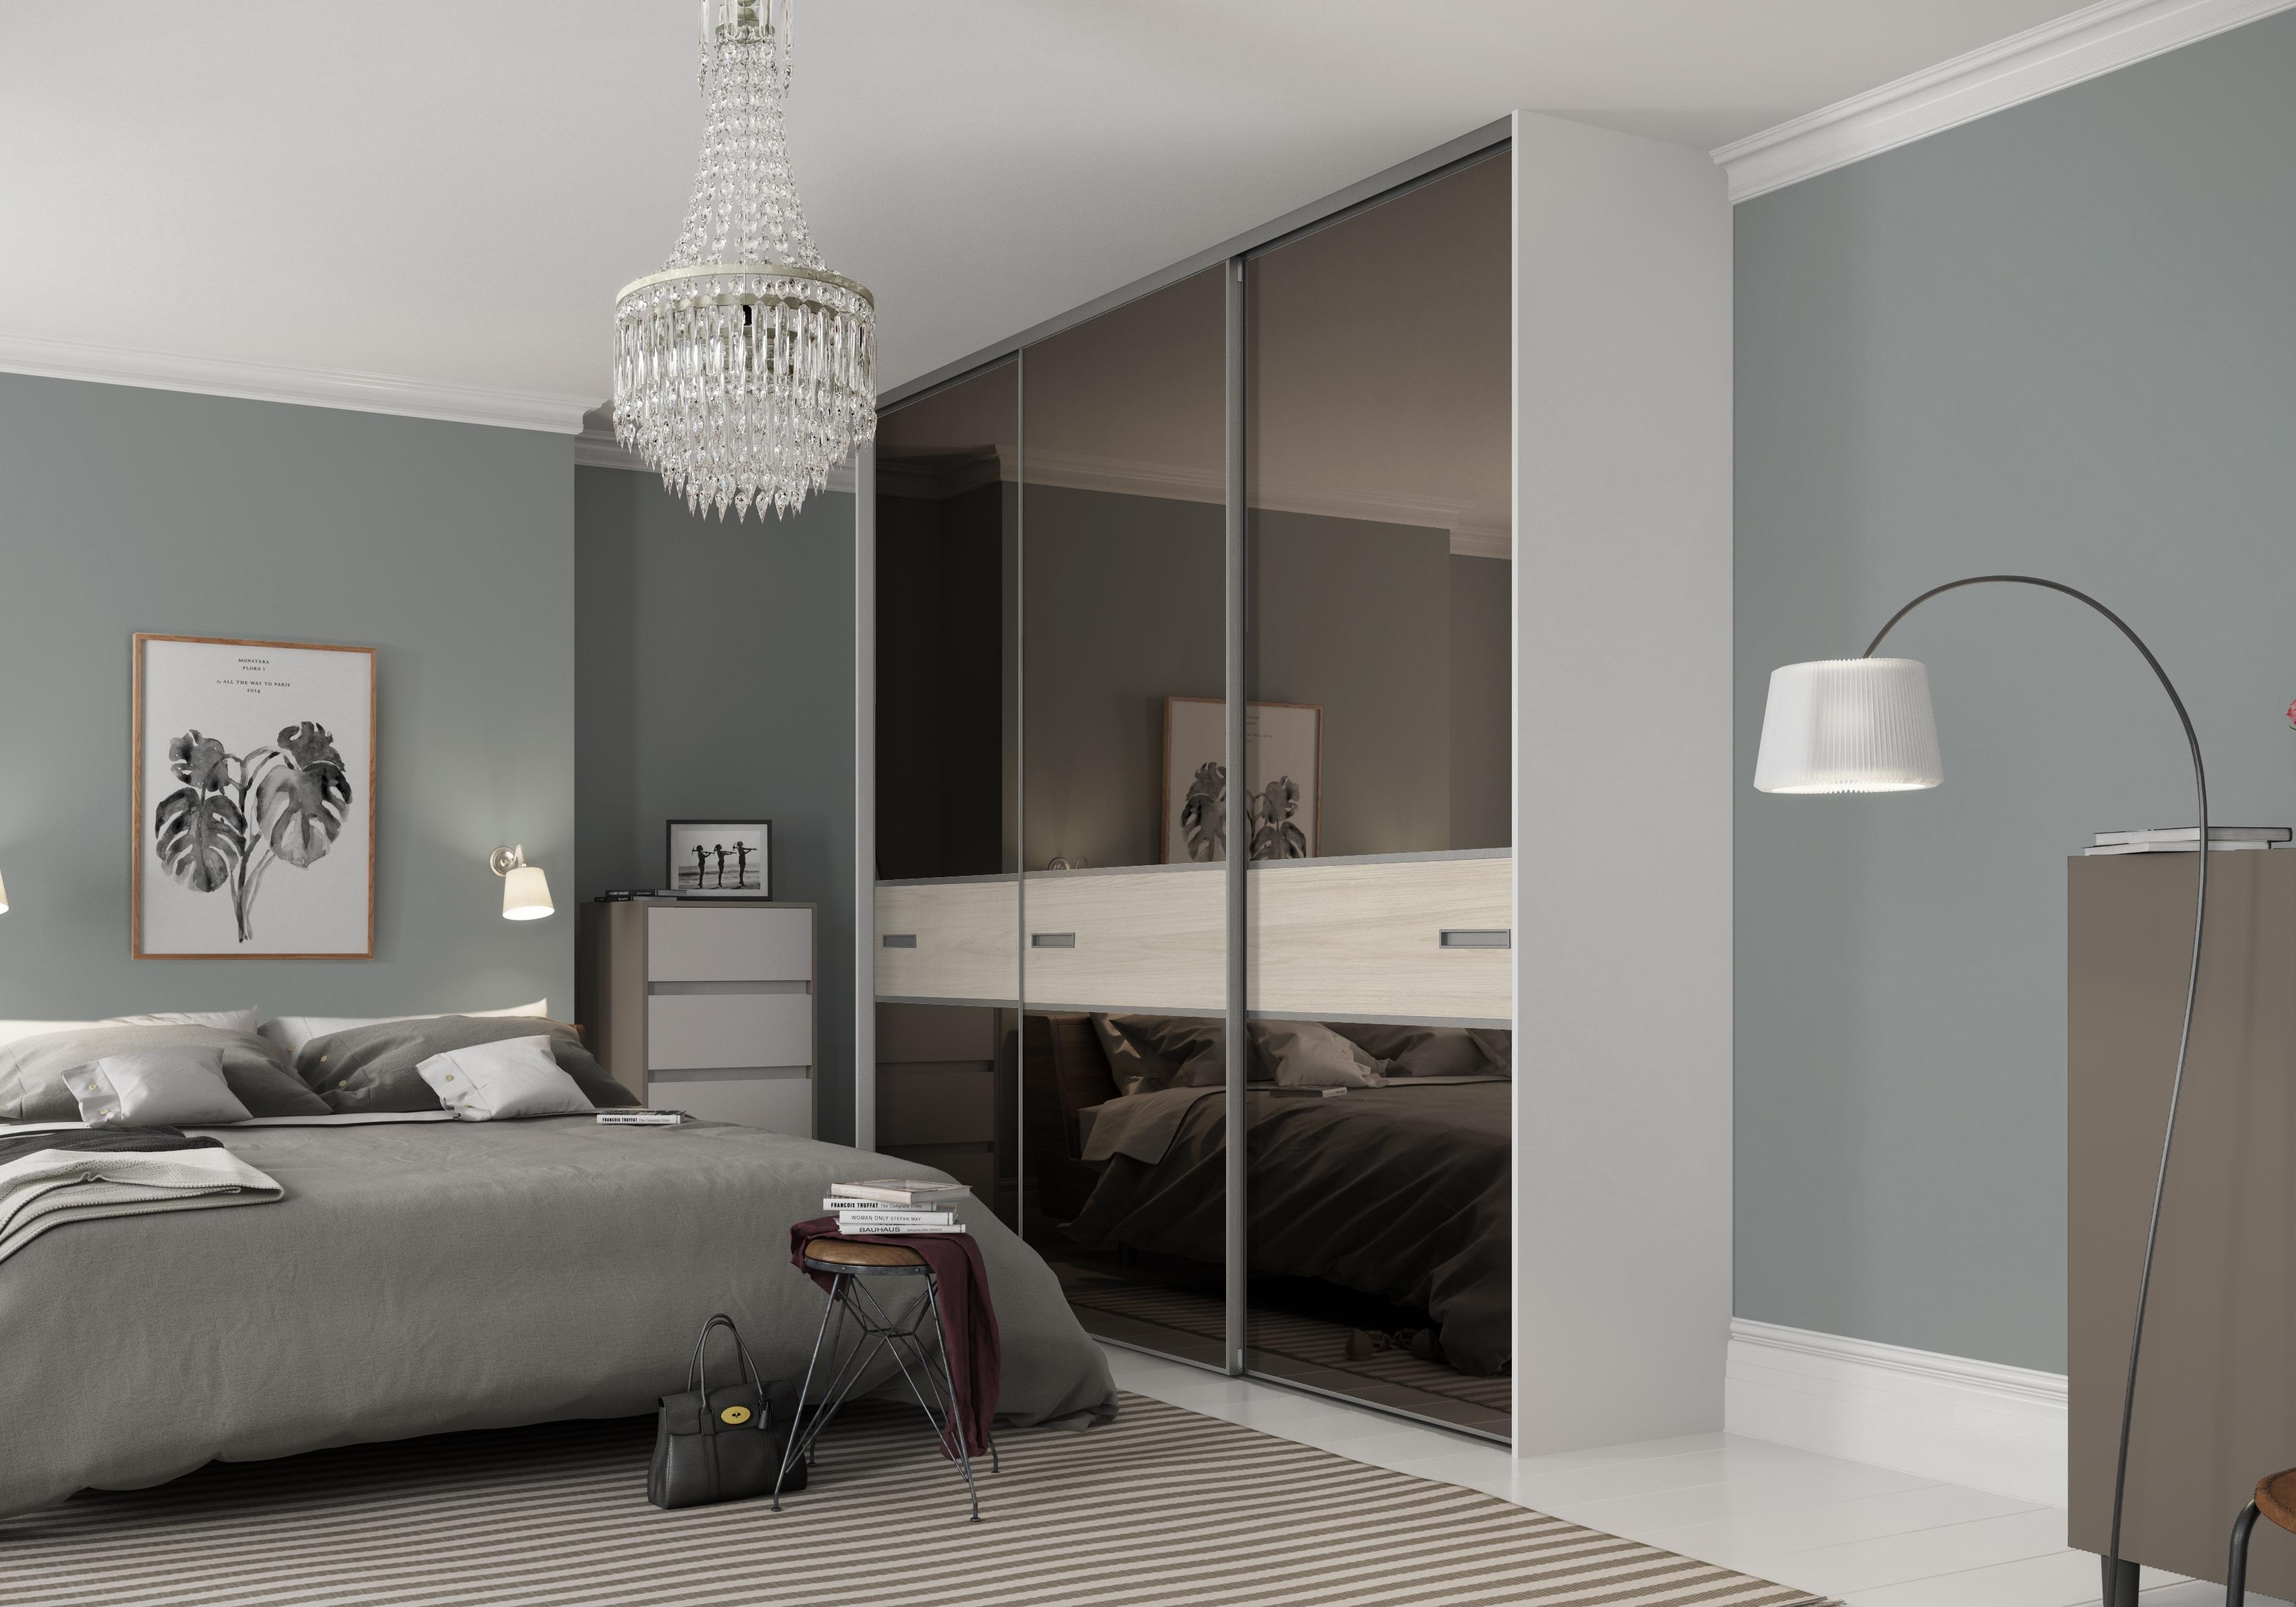 interior design trends 2017 2018 wardrobe trends spaceslide. Black Bedroom Furniture Sets. Home Design Ideas